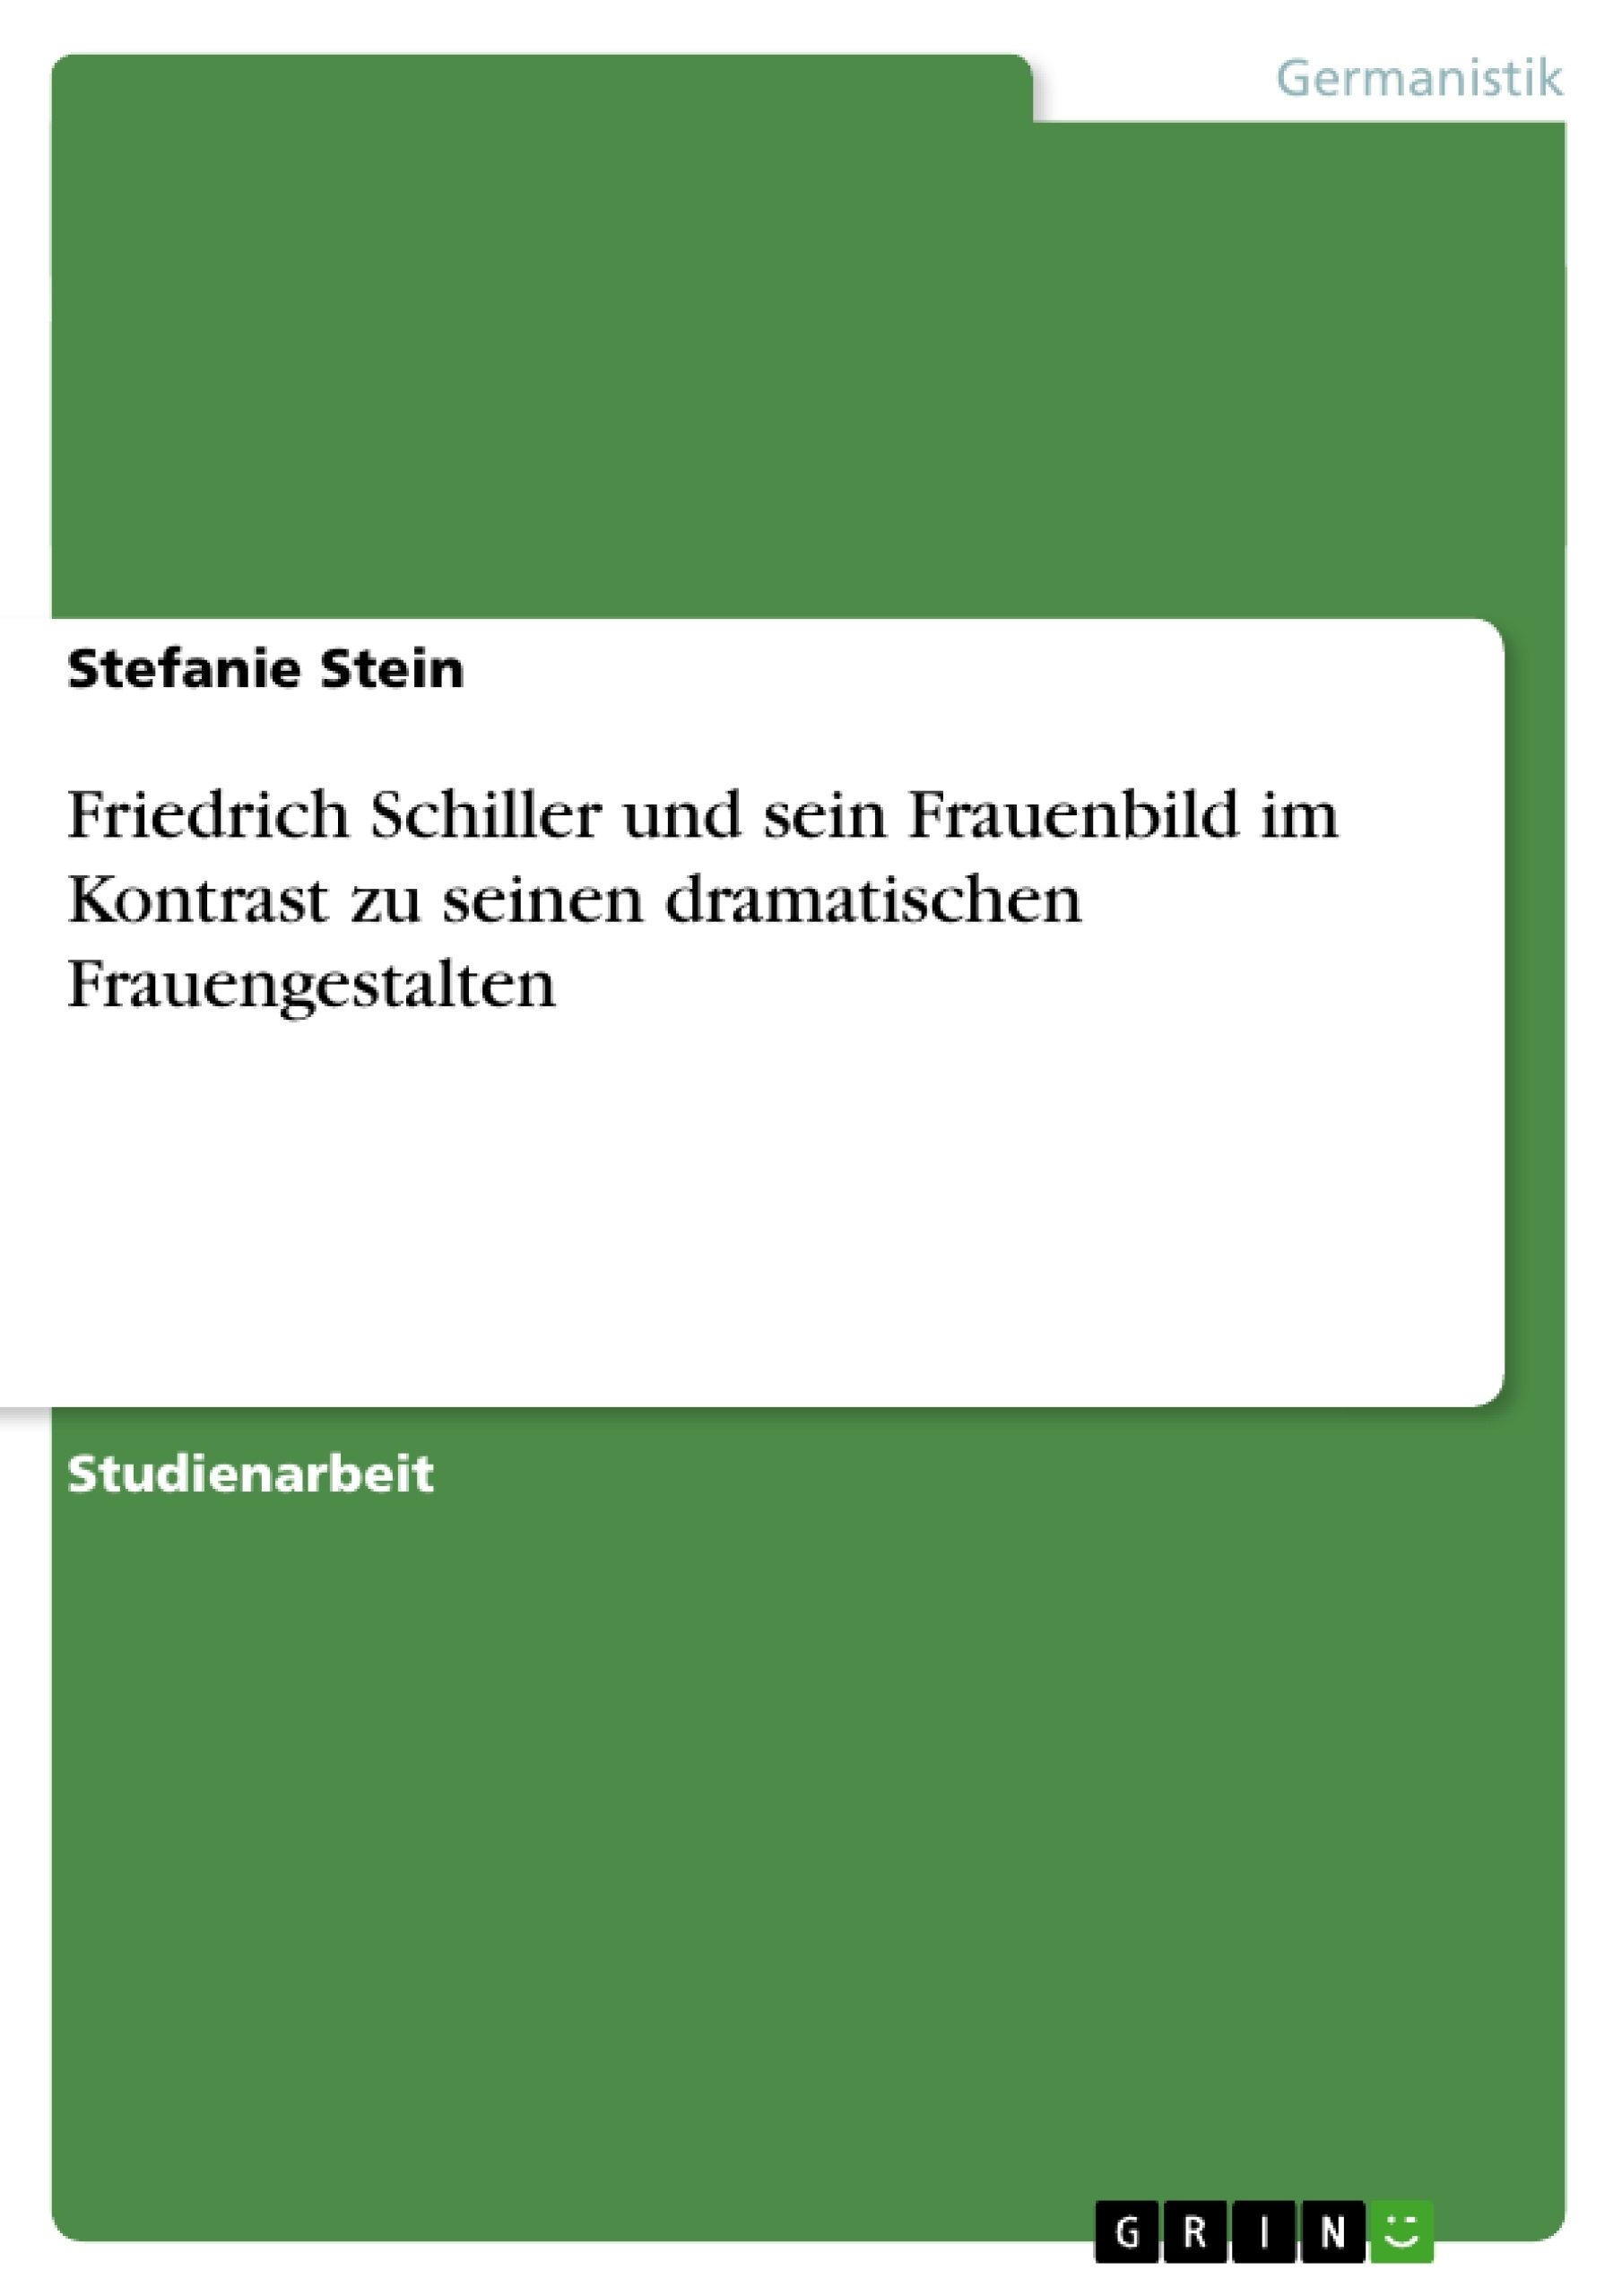 Friedrich Schiller Und Sein Frauenbild Im Kontrast Zu Seinen